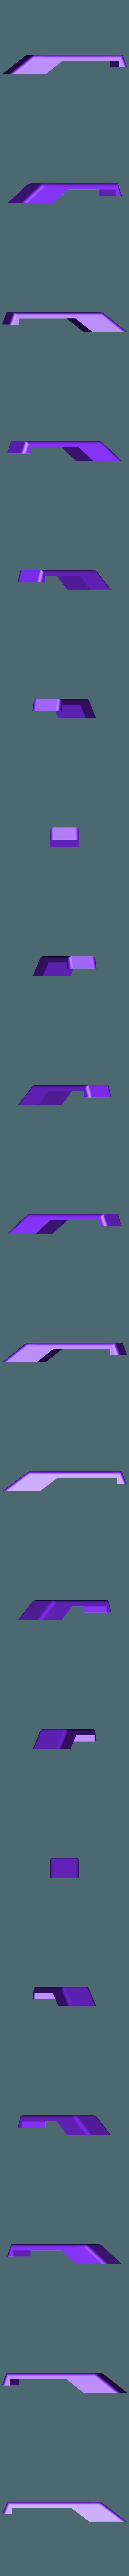 Handle_ALEPH.stl Télécharger fichier STL gratuit Le fusil combiné Aleph inspiré par l'infini • Design imprimable en 3D, manukrafter